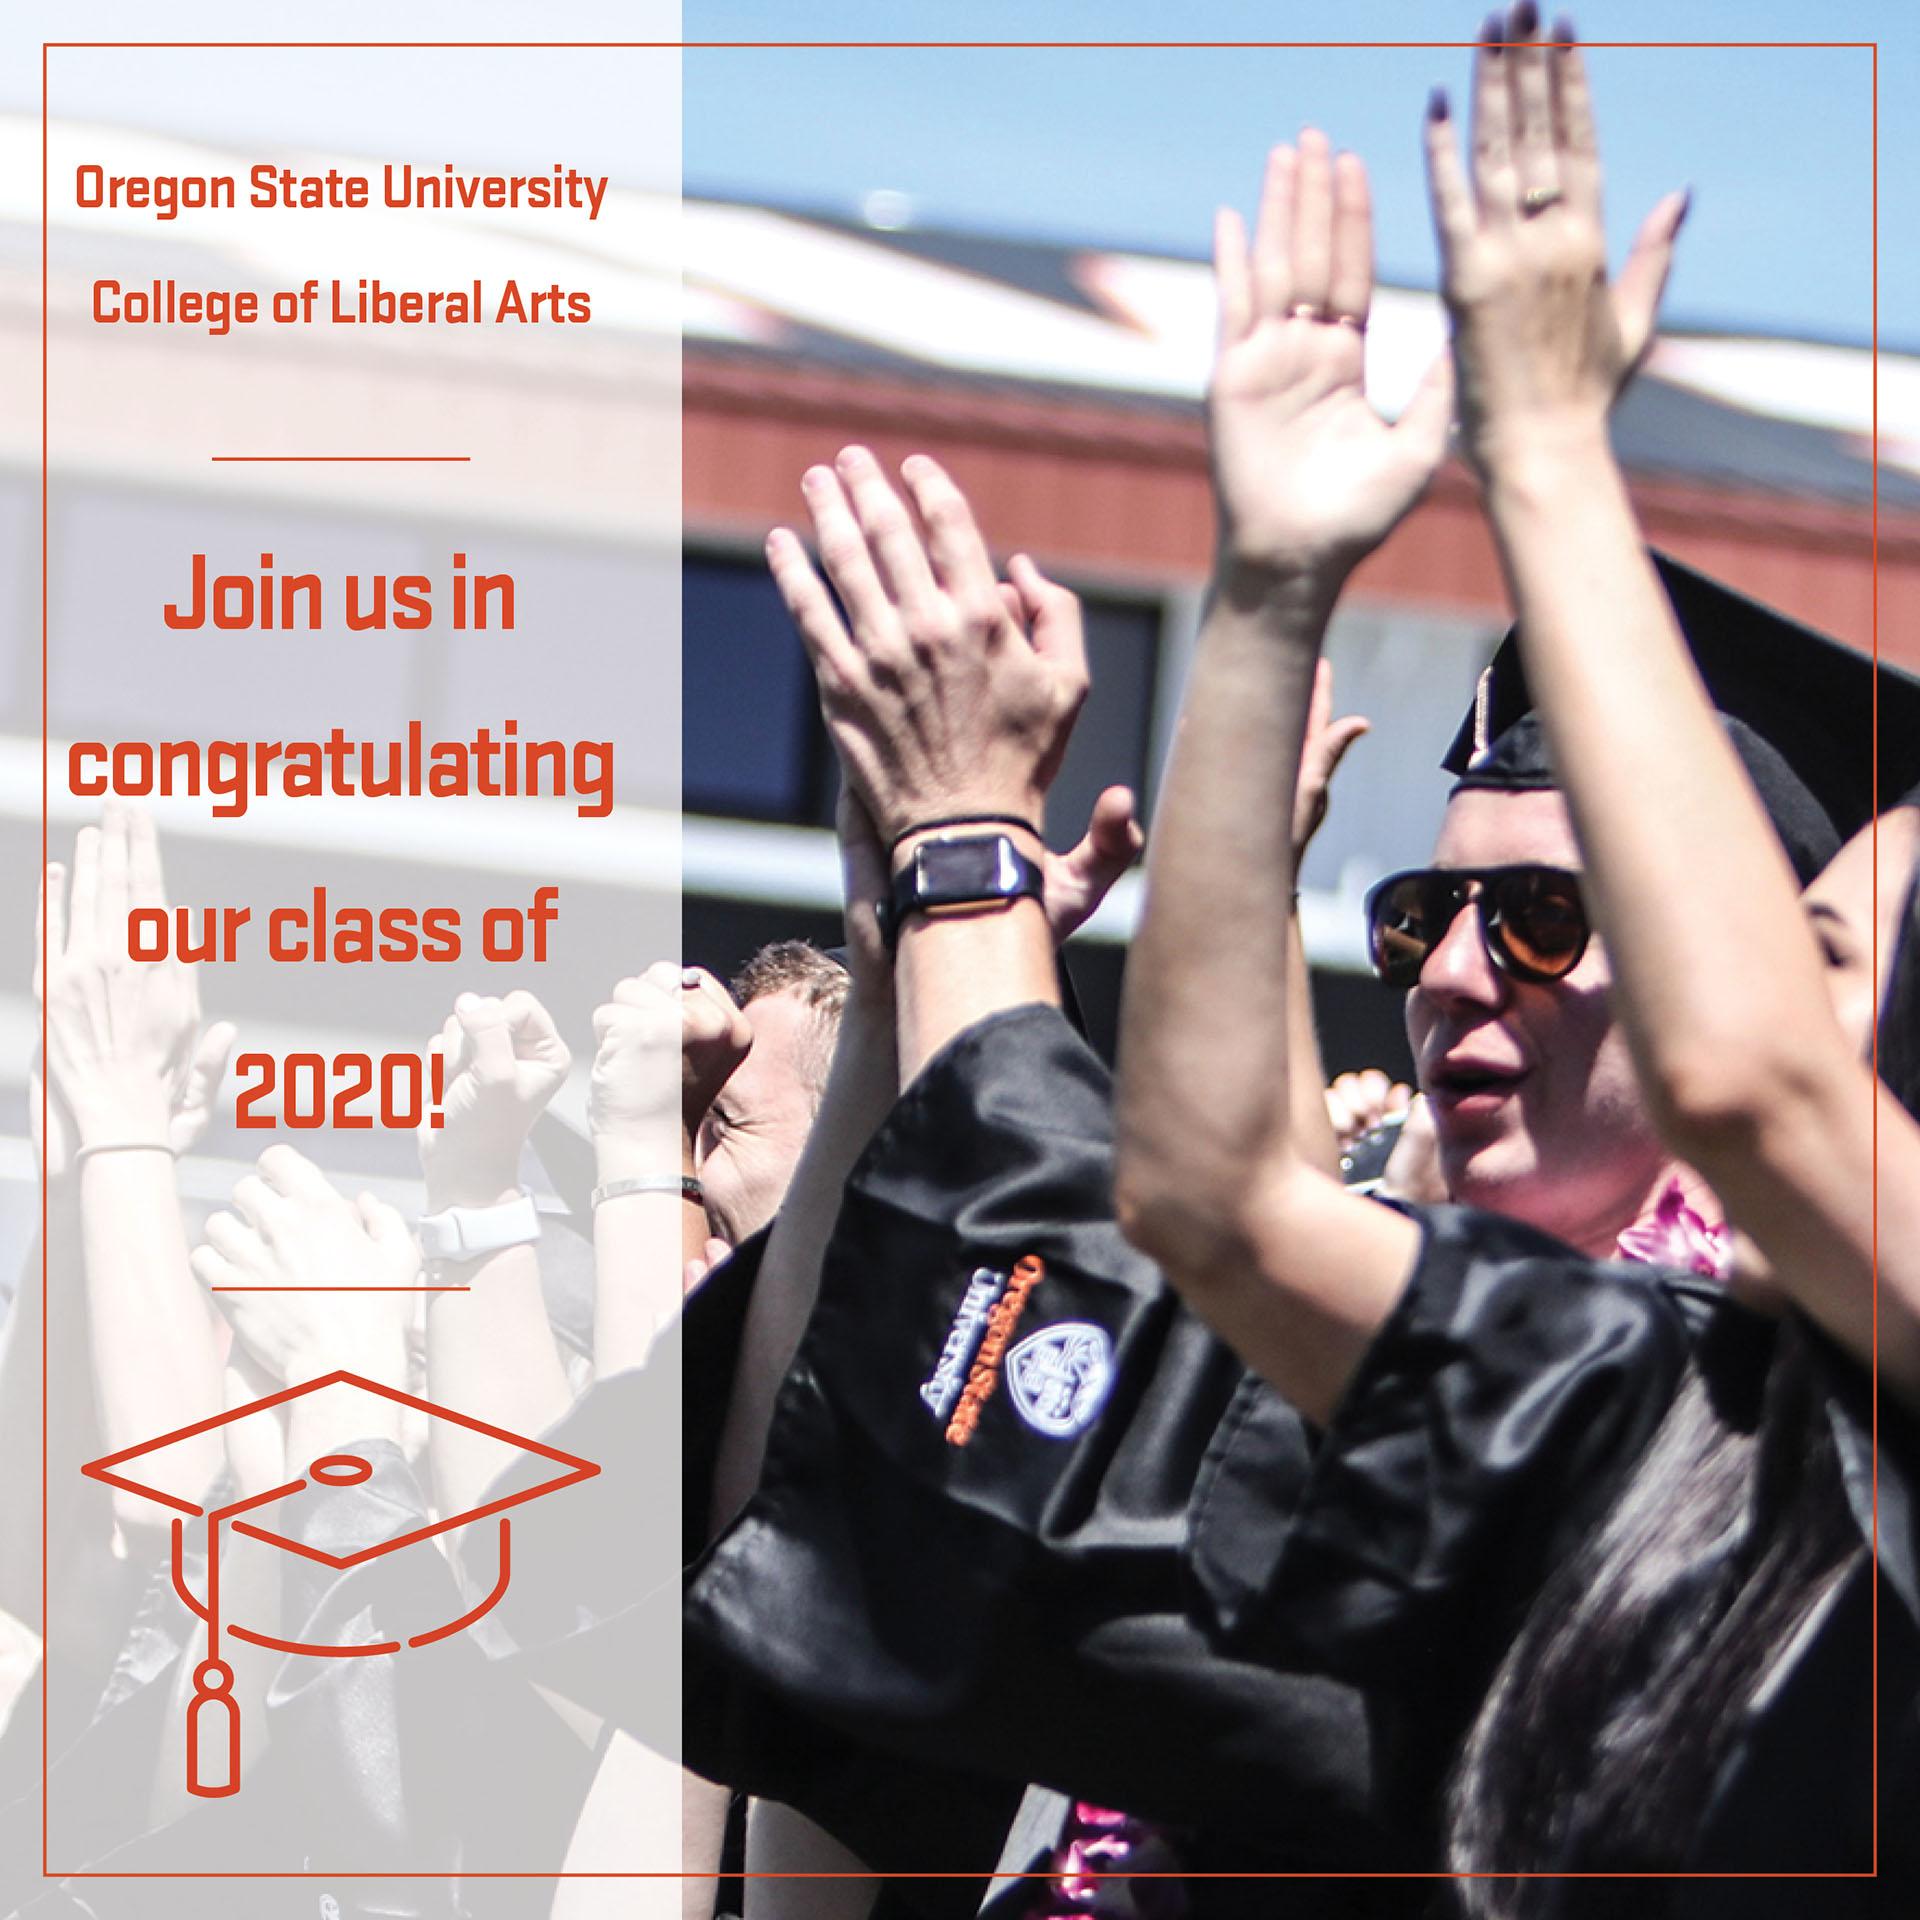 4-Year Graduation Graphic